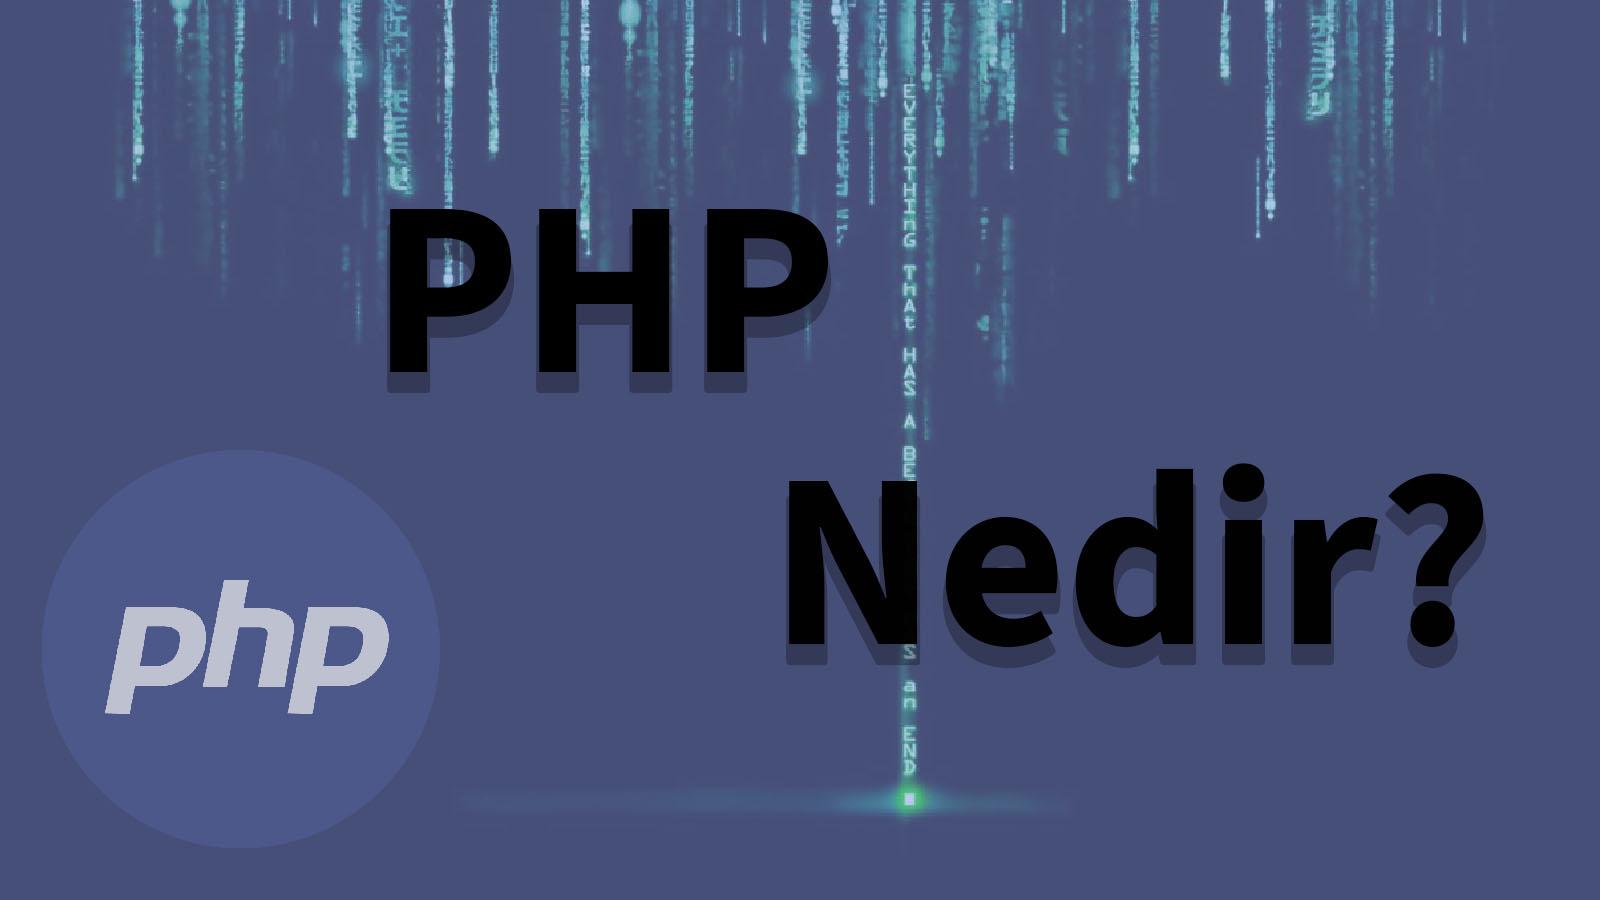 php nedir, php öğren, php ne işe yarar,php kodlama,php yazılım,